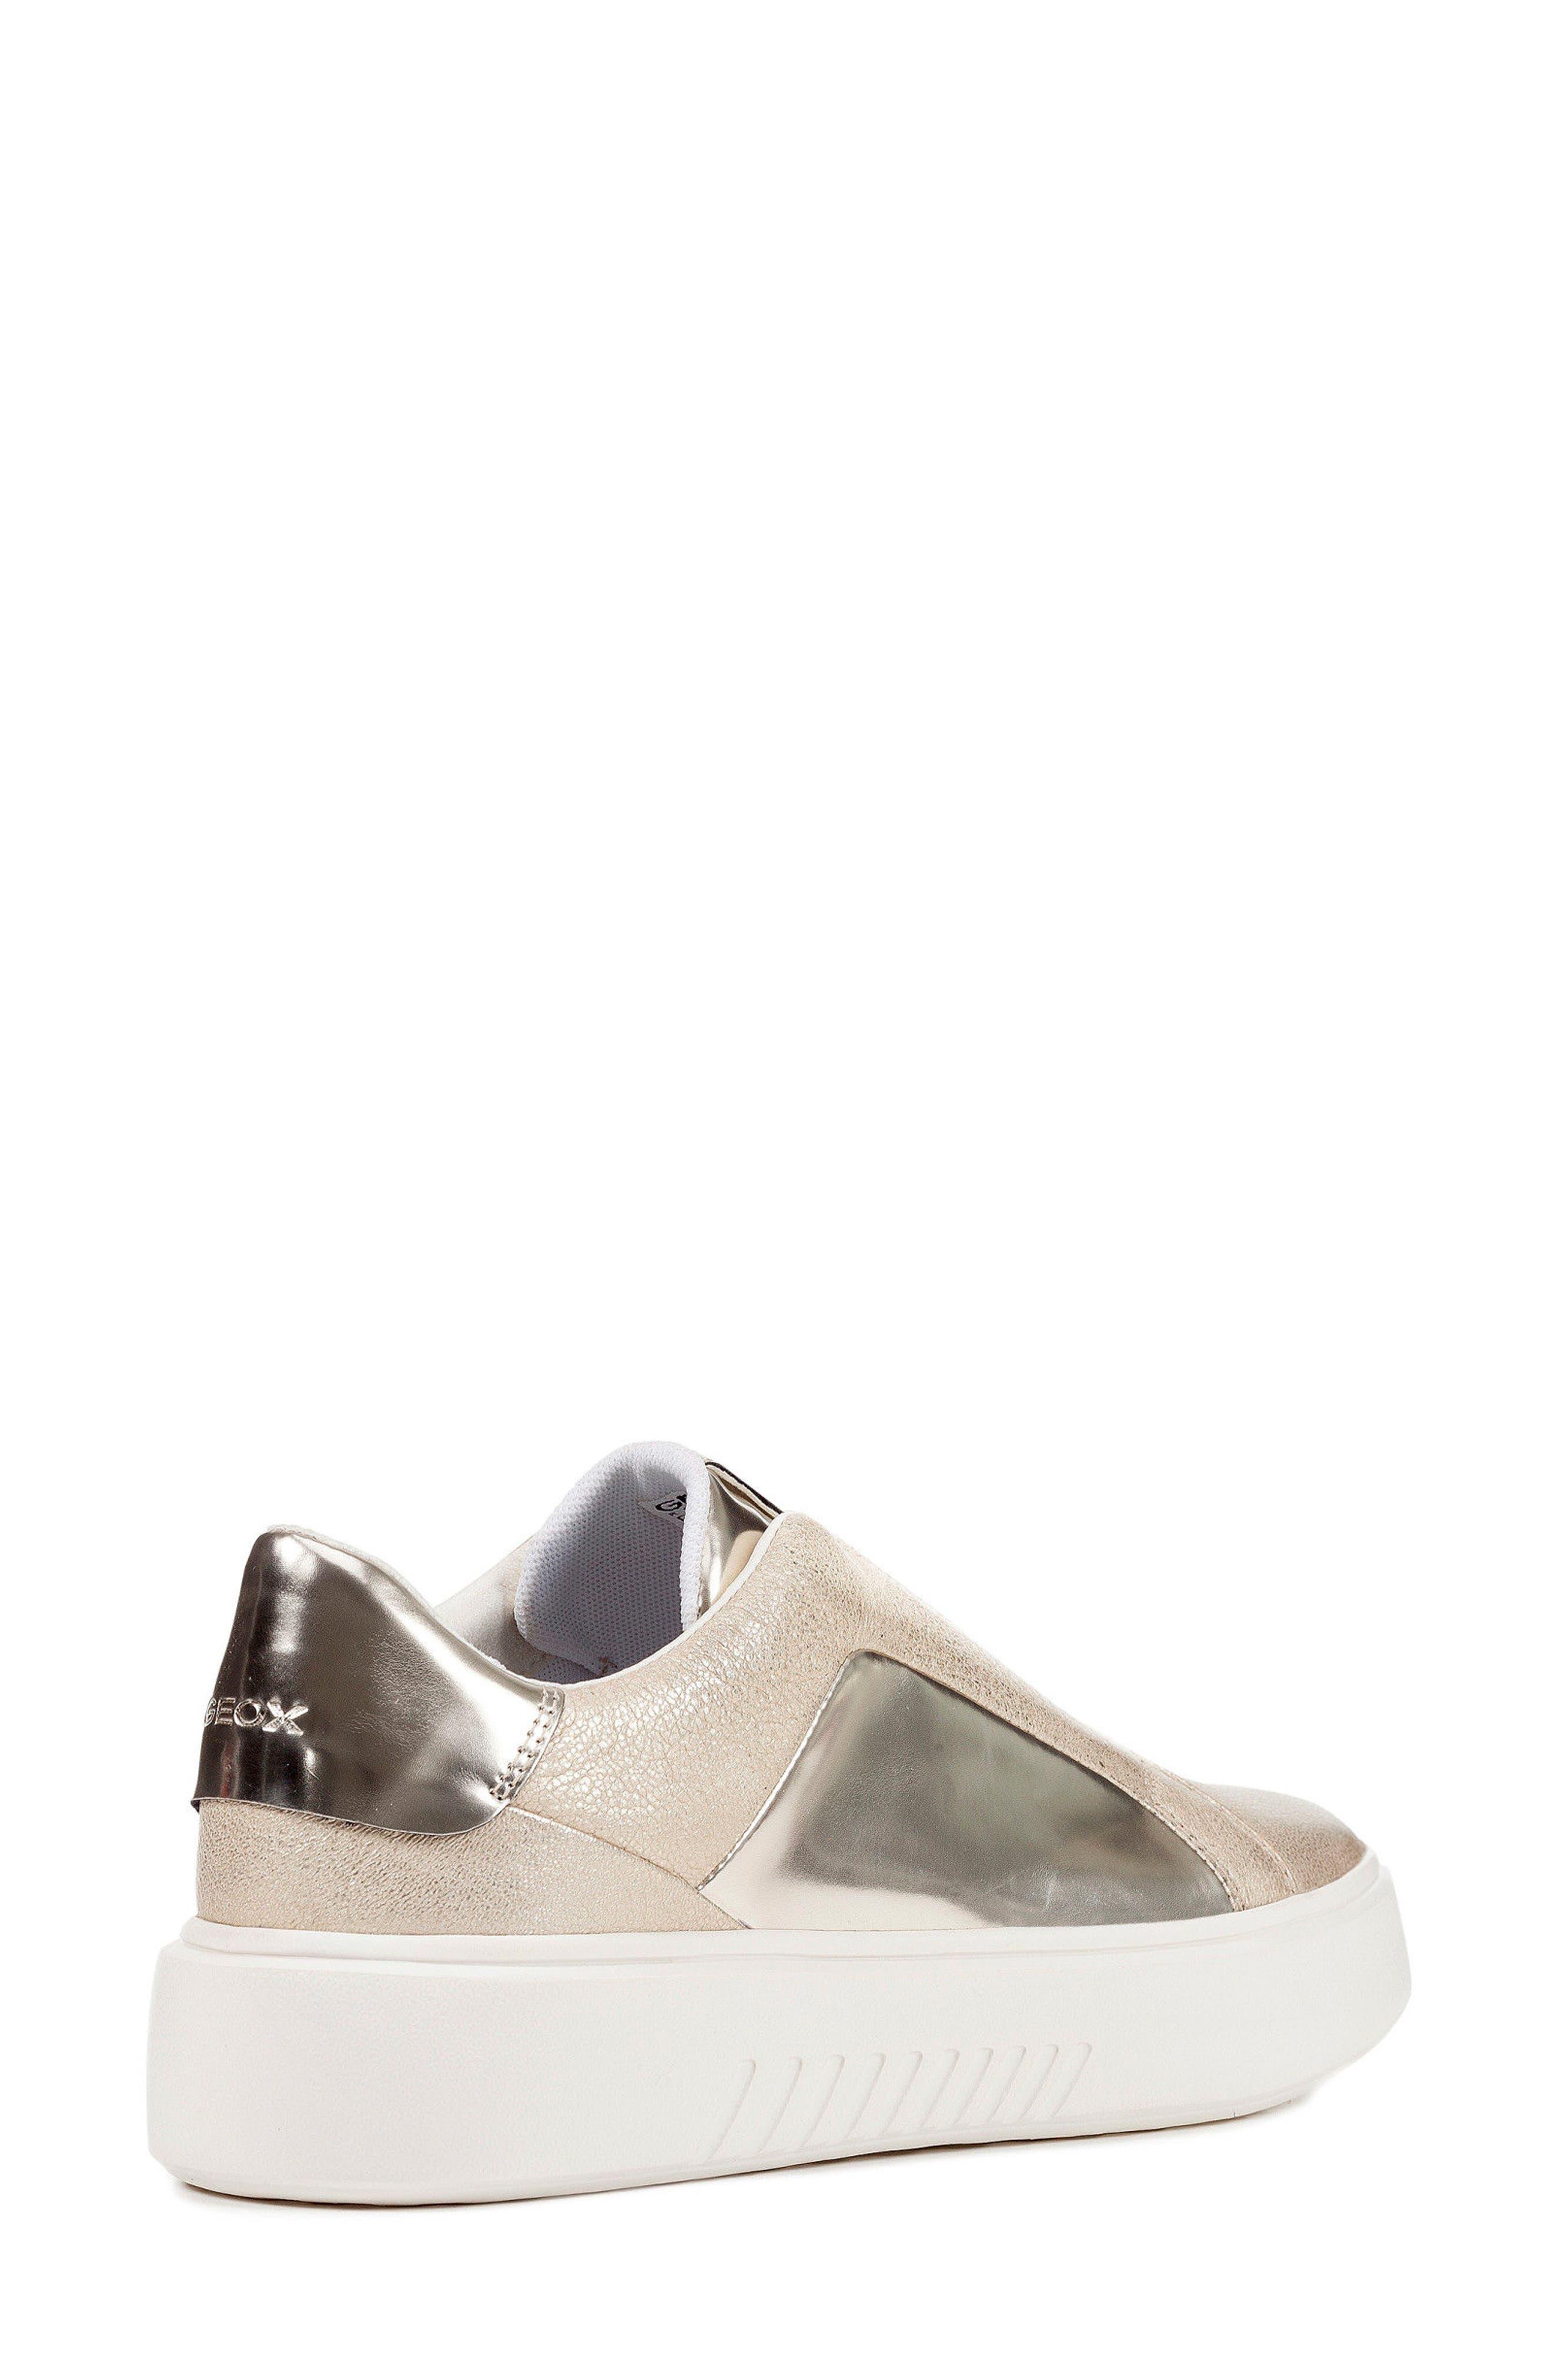 Nhenbus Slip-On Sneaker,                             Alternate thumbnail 4, color,